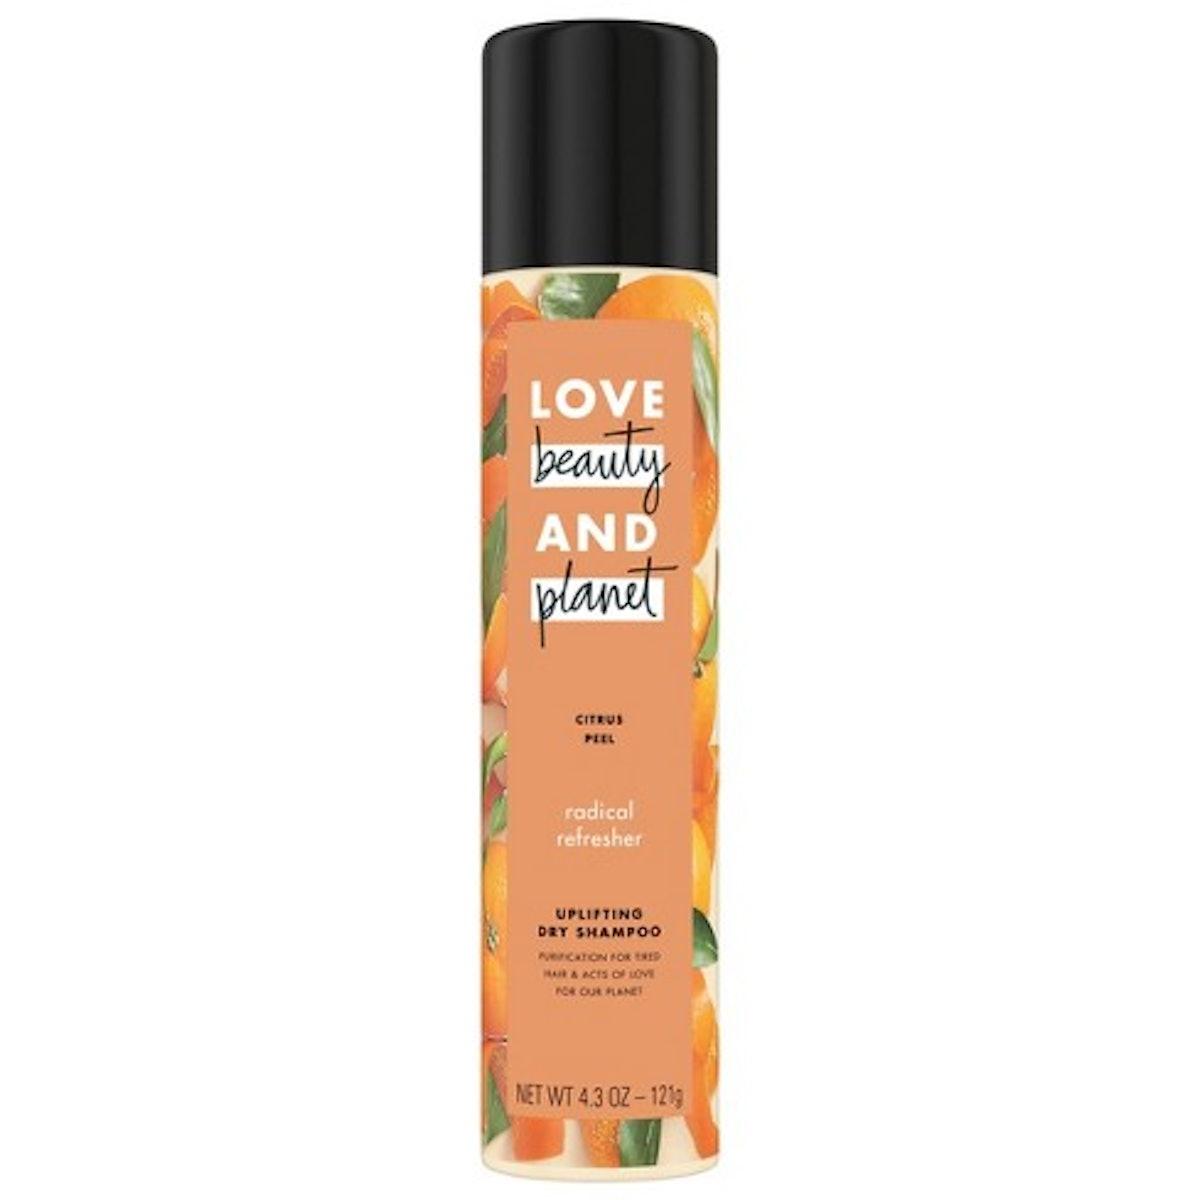 Citrus Peel Radical Refresher Uplifting Dry Shampoo